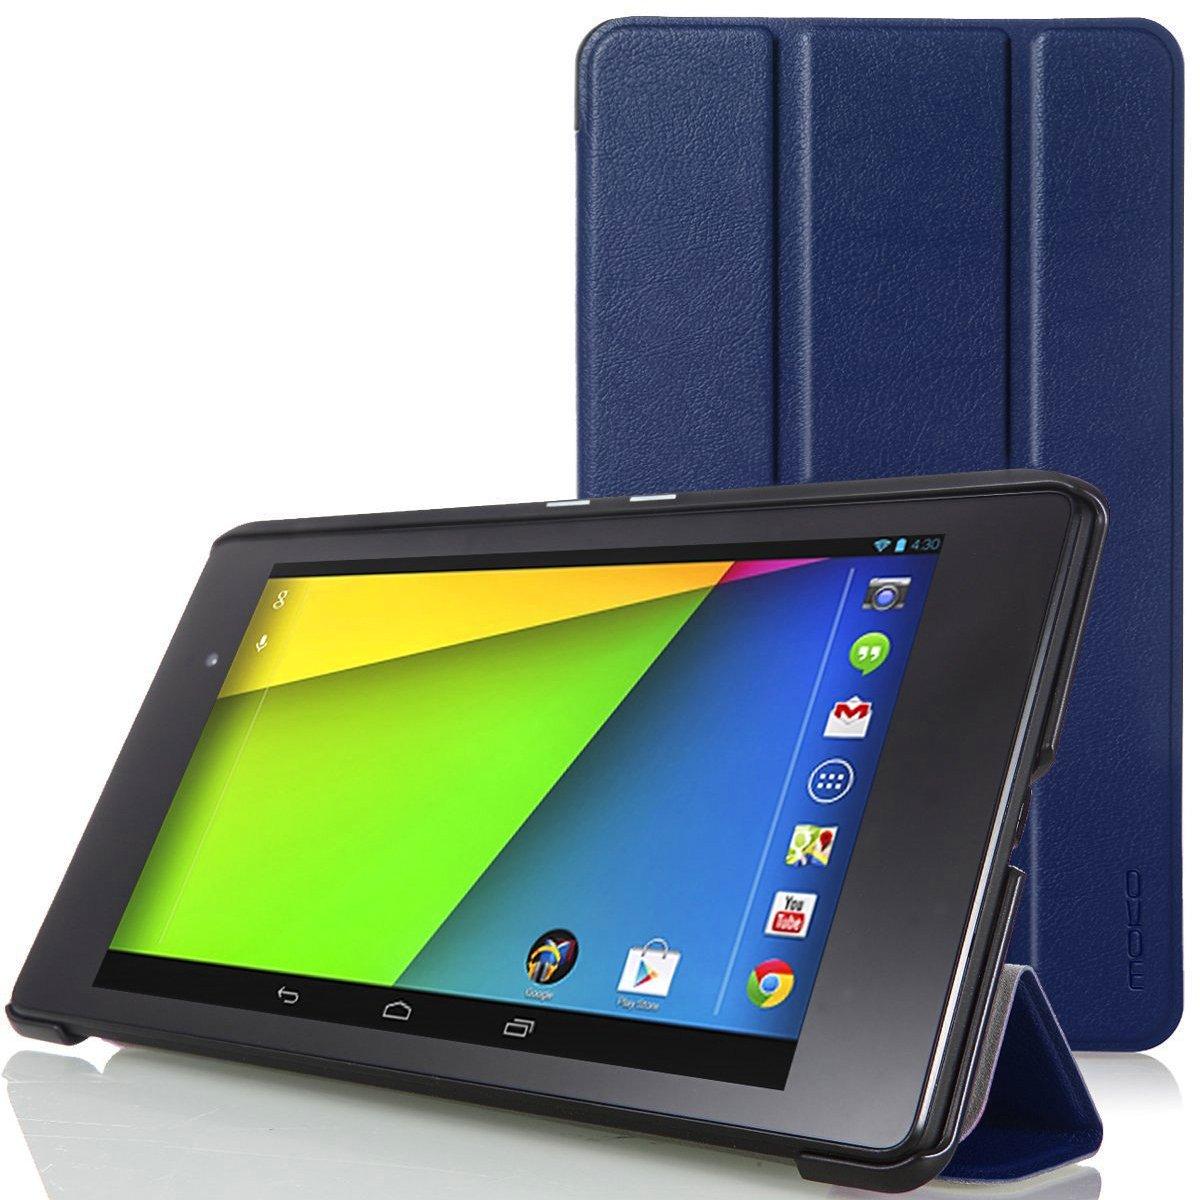 【国産】 MoKo Google New New Nexus 2013 7.0インチケース - Google MoKo B00E4OL3J0 Google New Nexus 2013 7.0インチタブレット専用開閉式三つ折薄型スタンドケース。INDIGO (オートスリープ機能付き) Nexus 7 2013 INDIGO B00E4OL3J0, アクセサリーFelice Japan:53668037 --- a0267596.xsph.ru